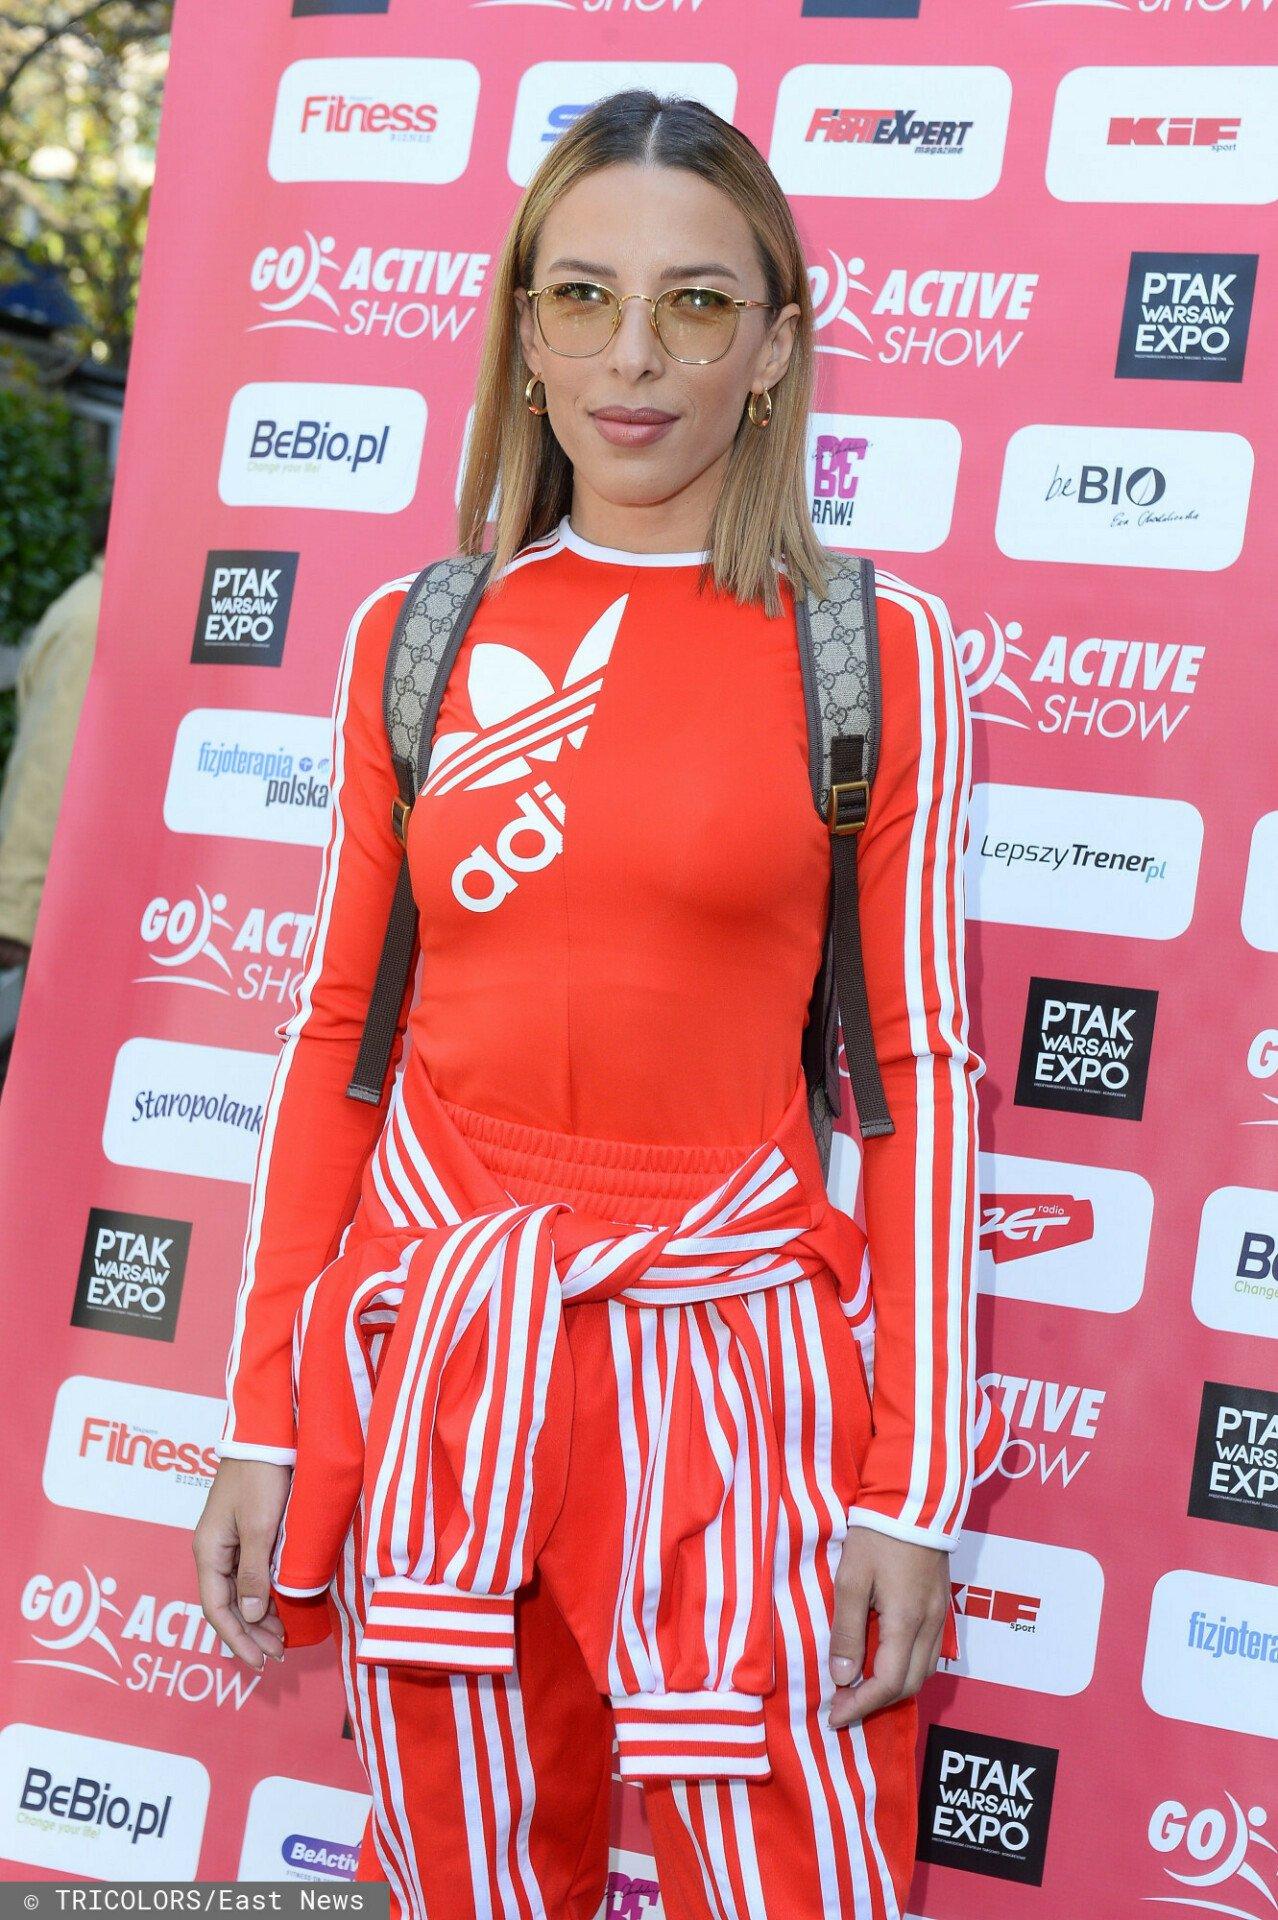 Ewa Chodakowska w jaskrawym stroju Adidas na konferencji prasowej.